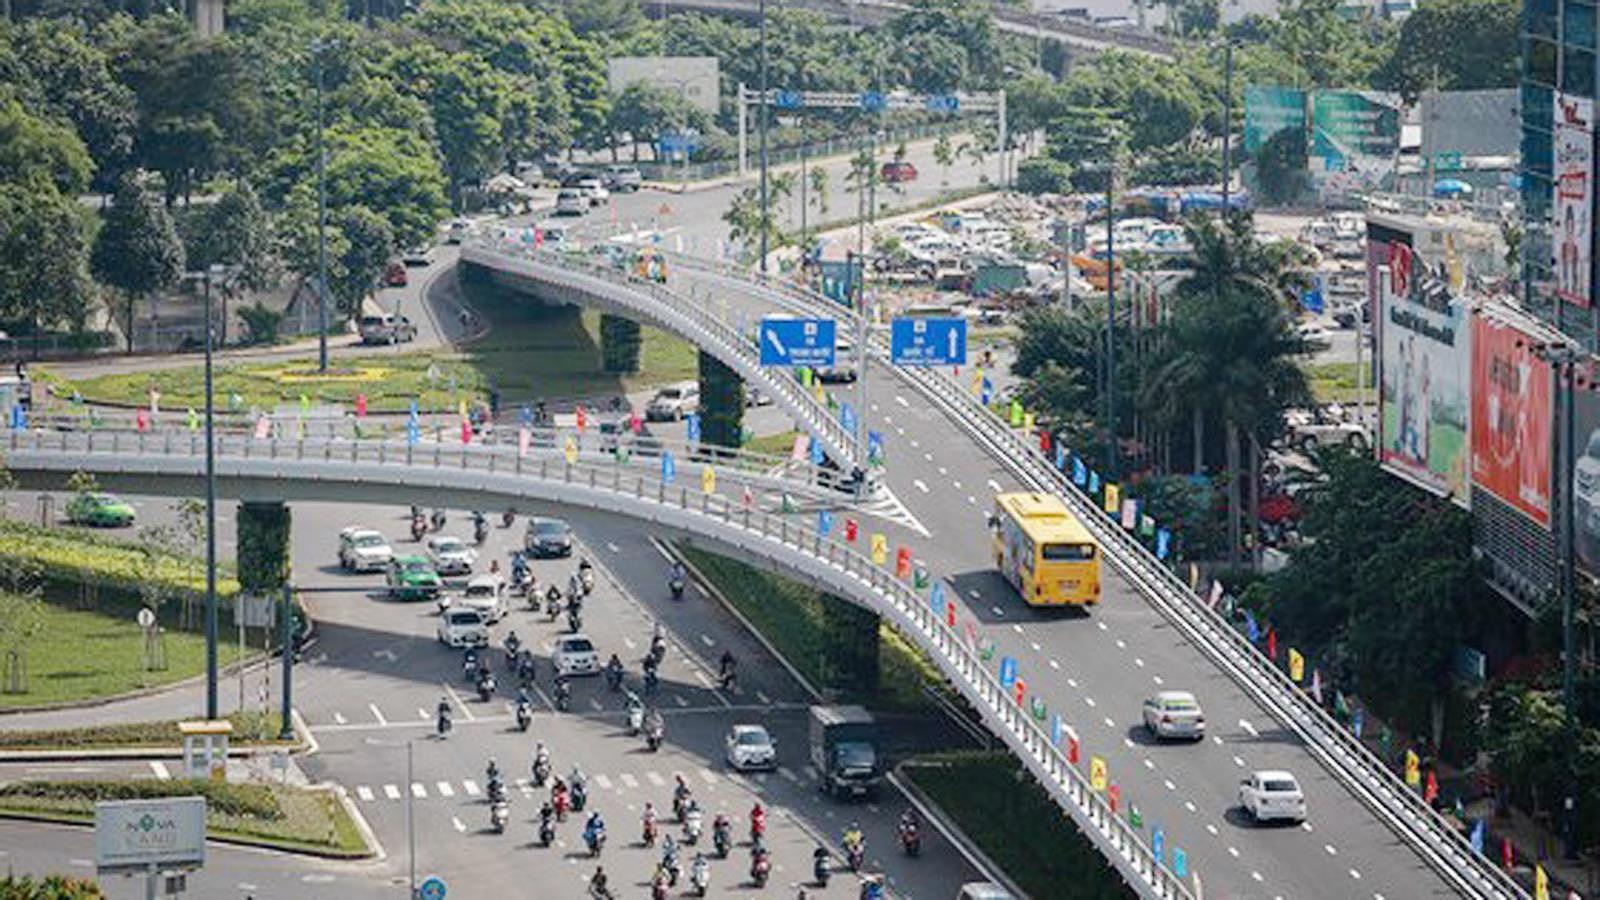 6 tháng TPHCM xảy ra 1.669 vụ tai nạn giao thông Ảnh 4